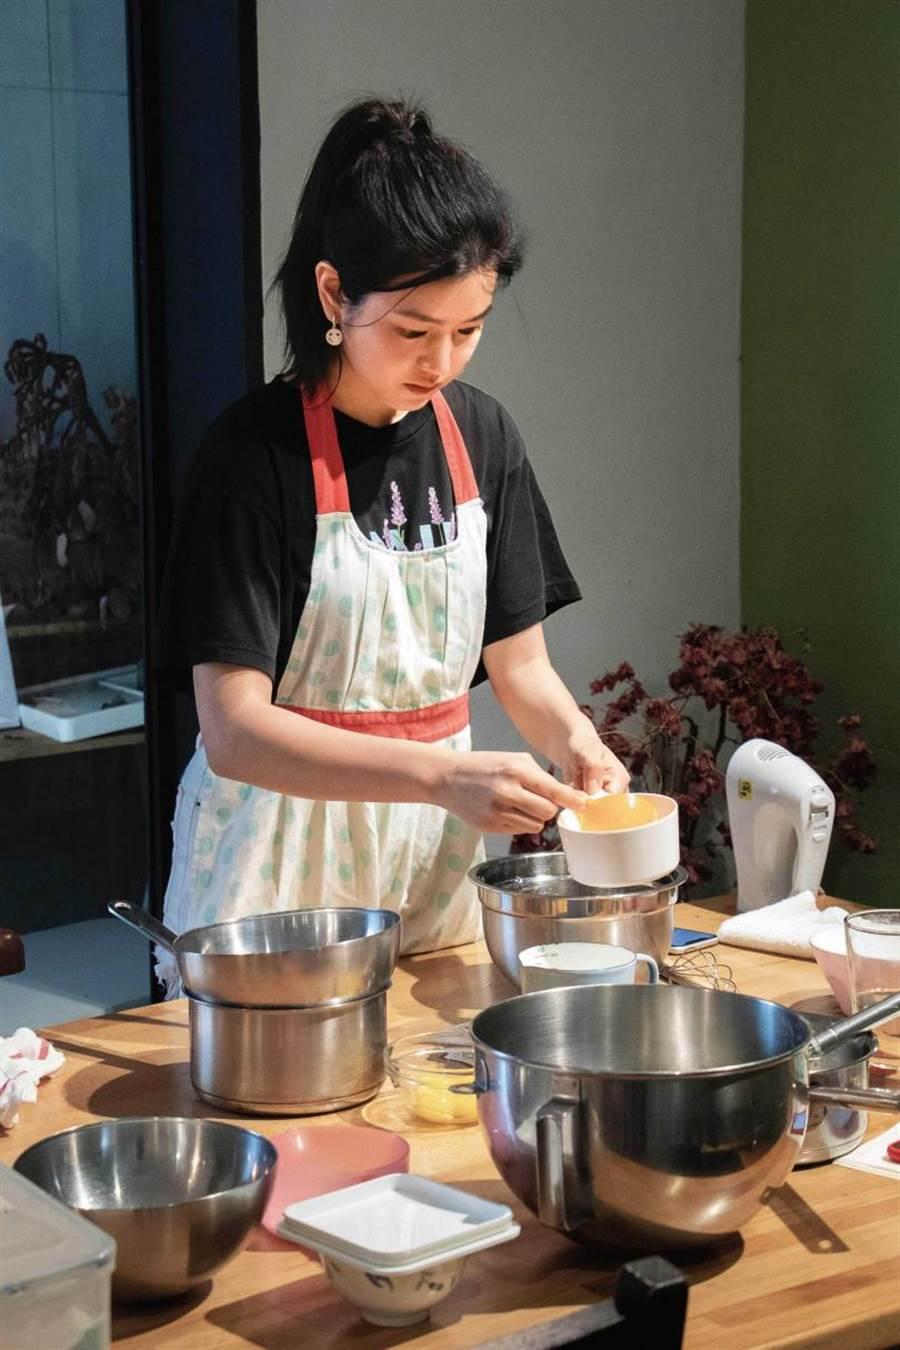 為了《跟你老婆去旅行》的角色,陳妍希特別練習蛋糕烘培。(圖/好好看文創提供)